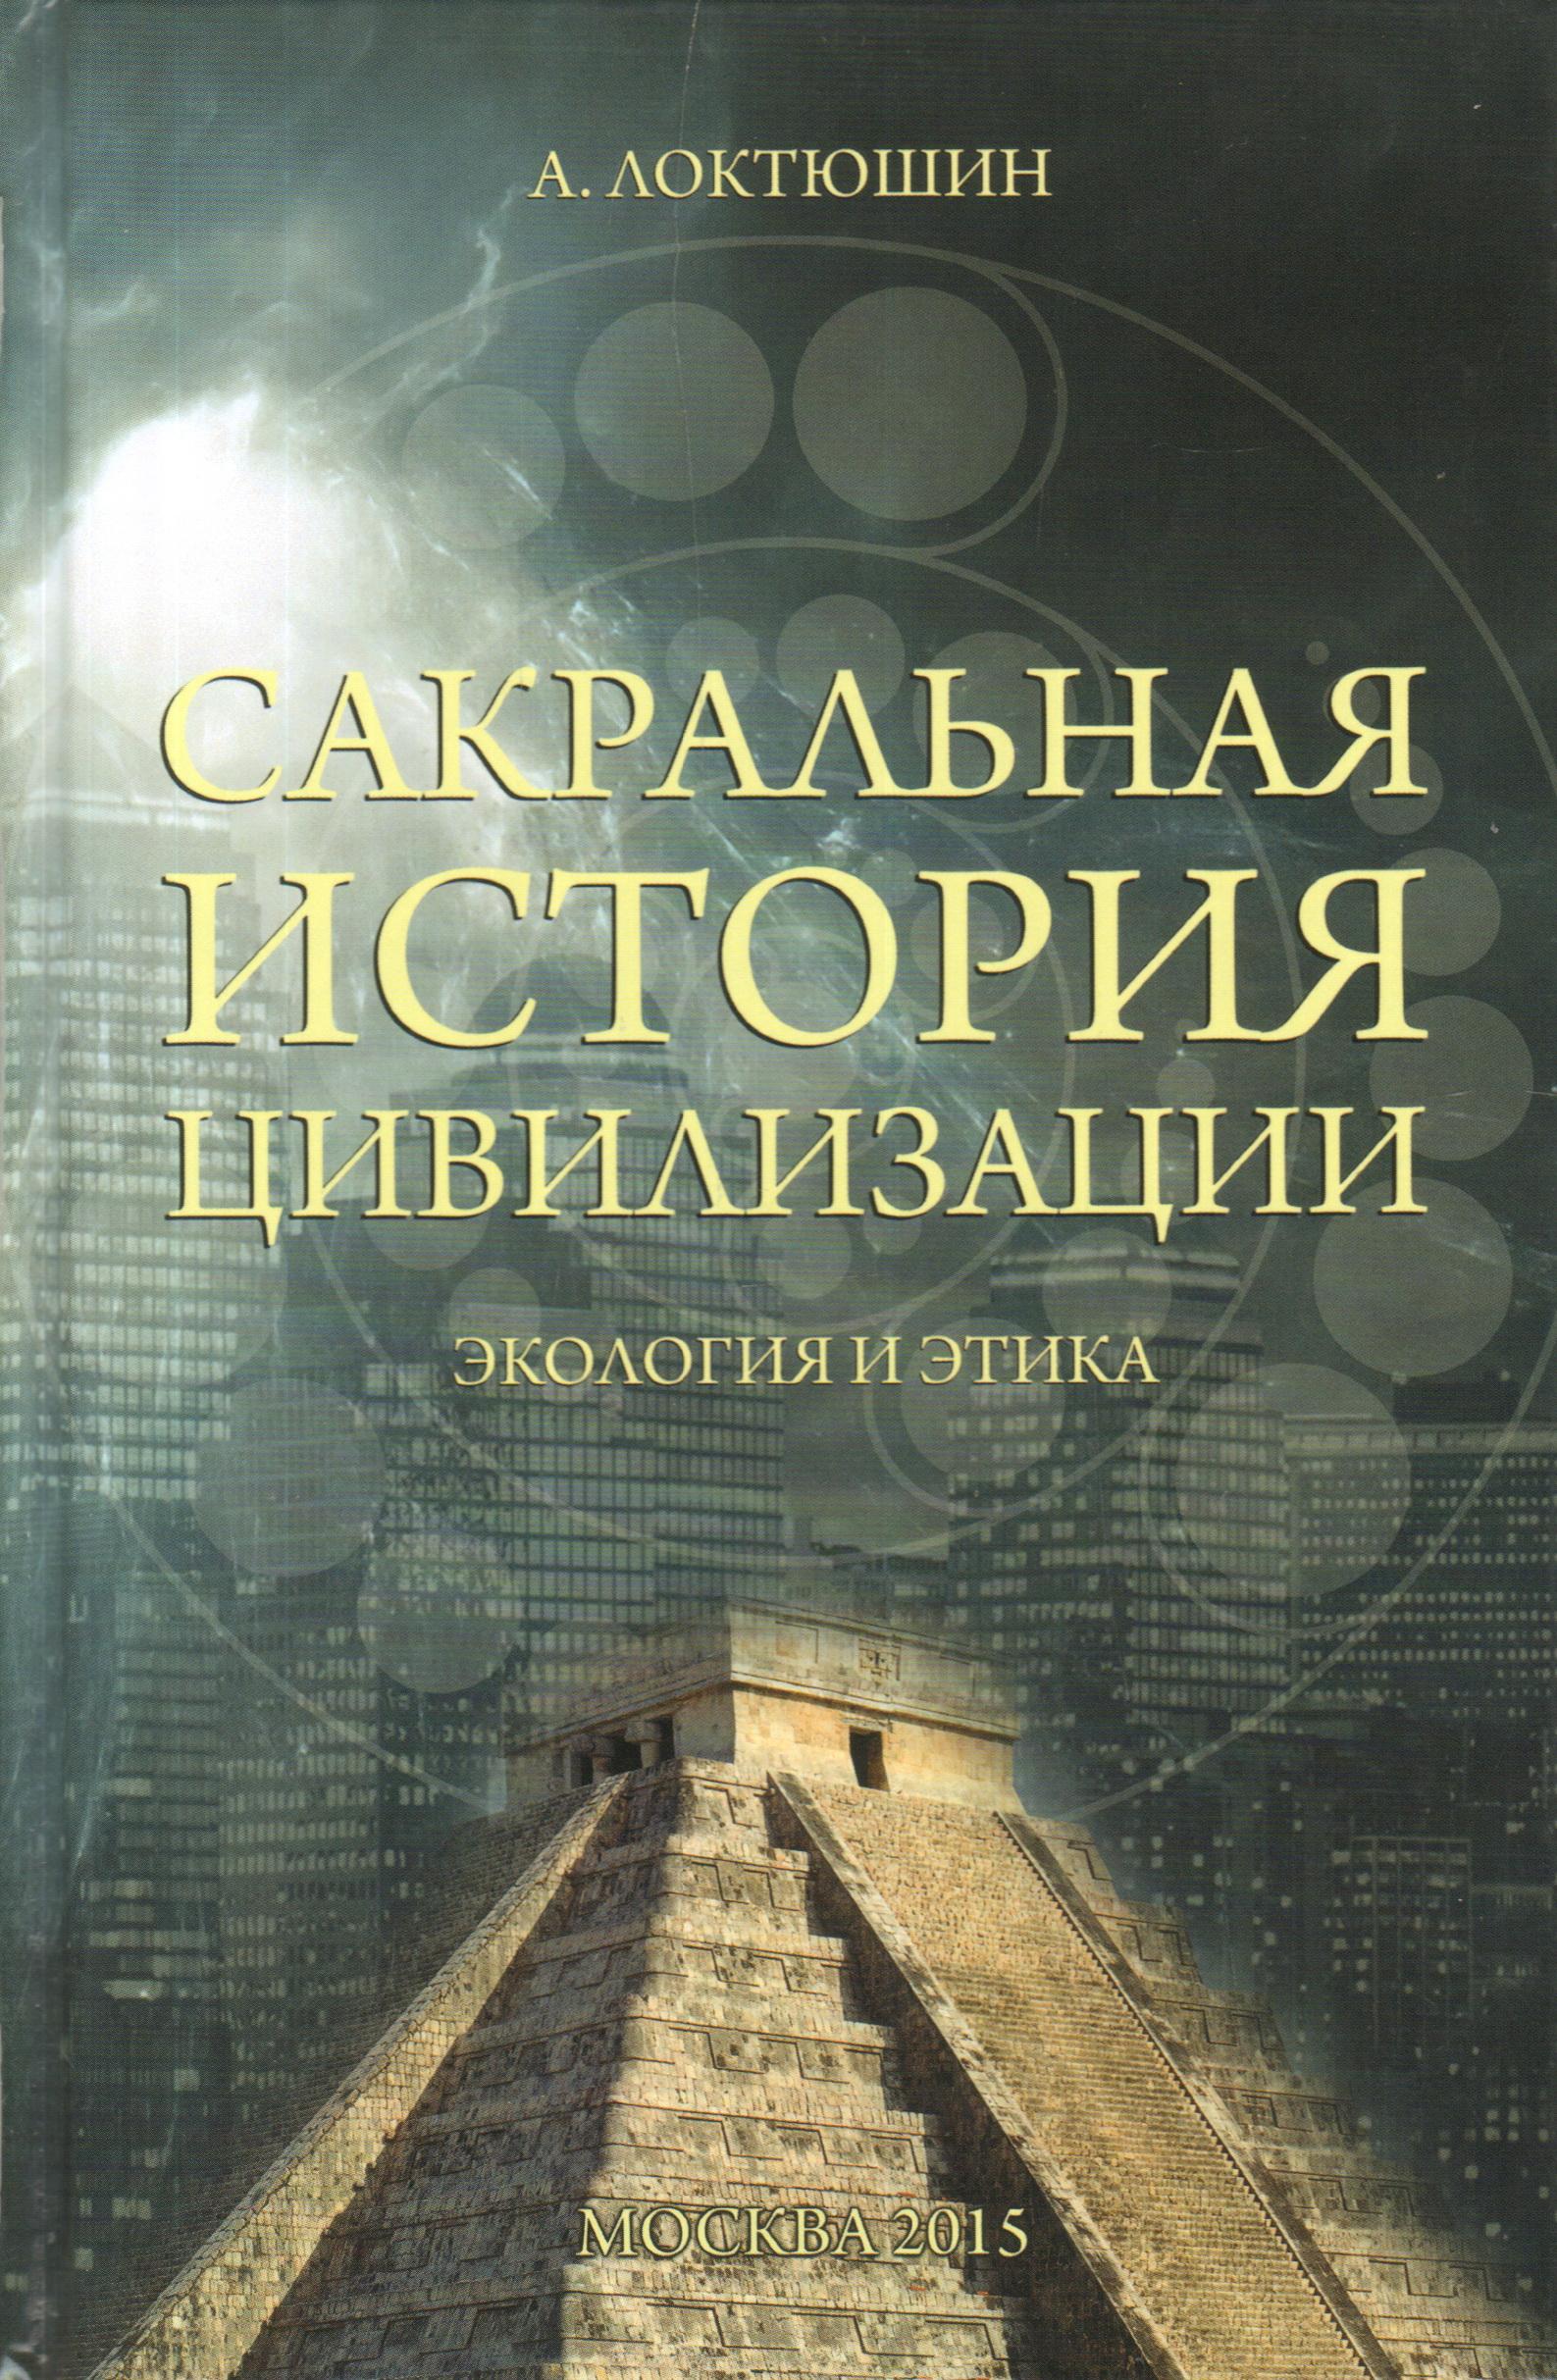 Сакральная история цивилизации: экология и этика.